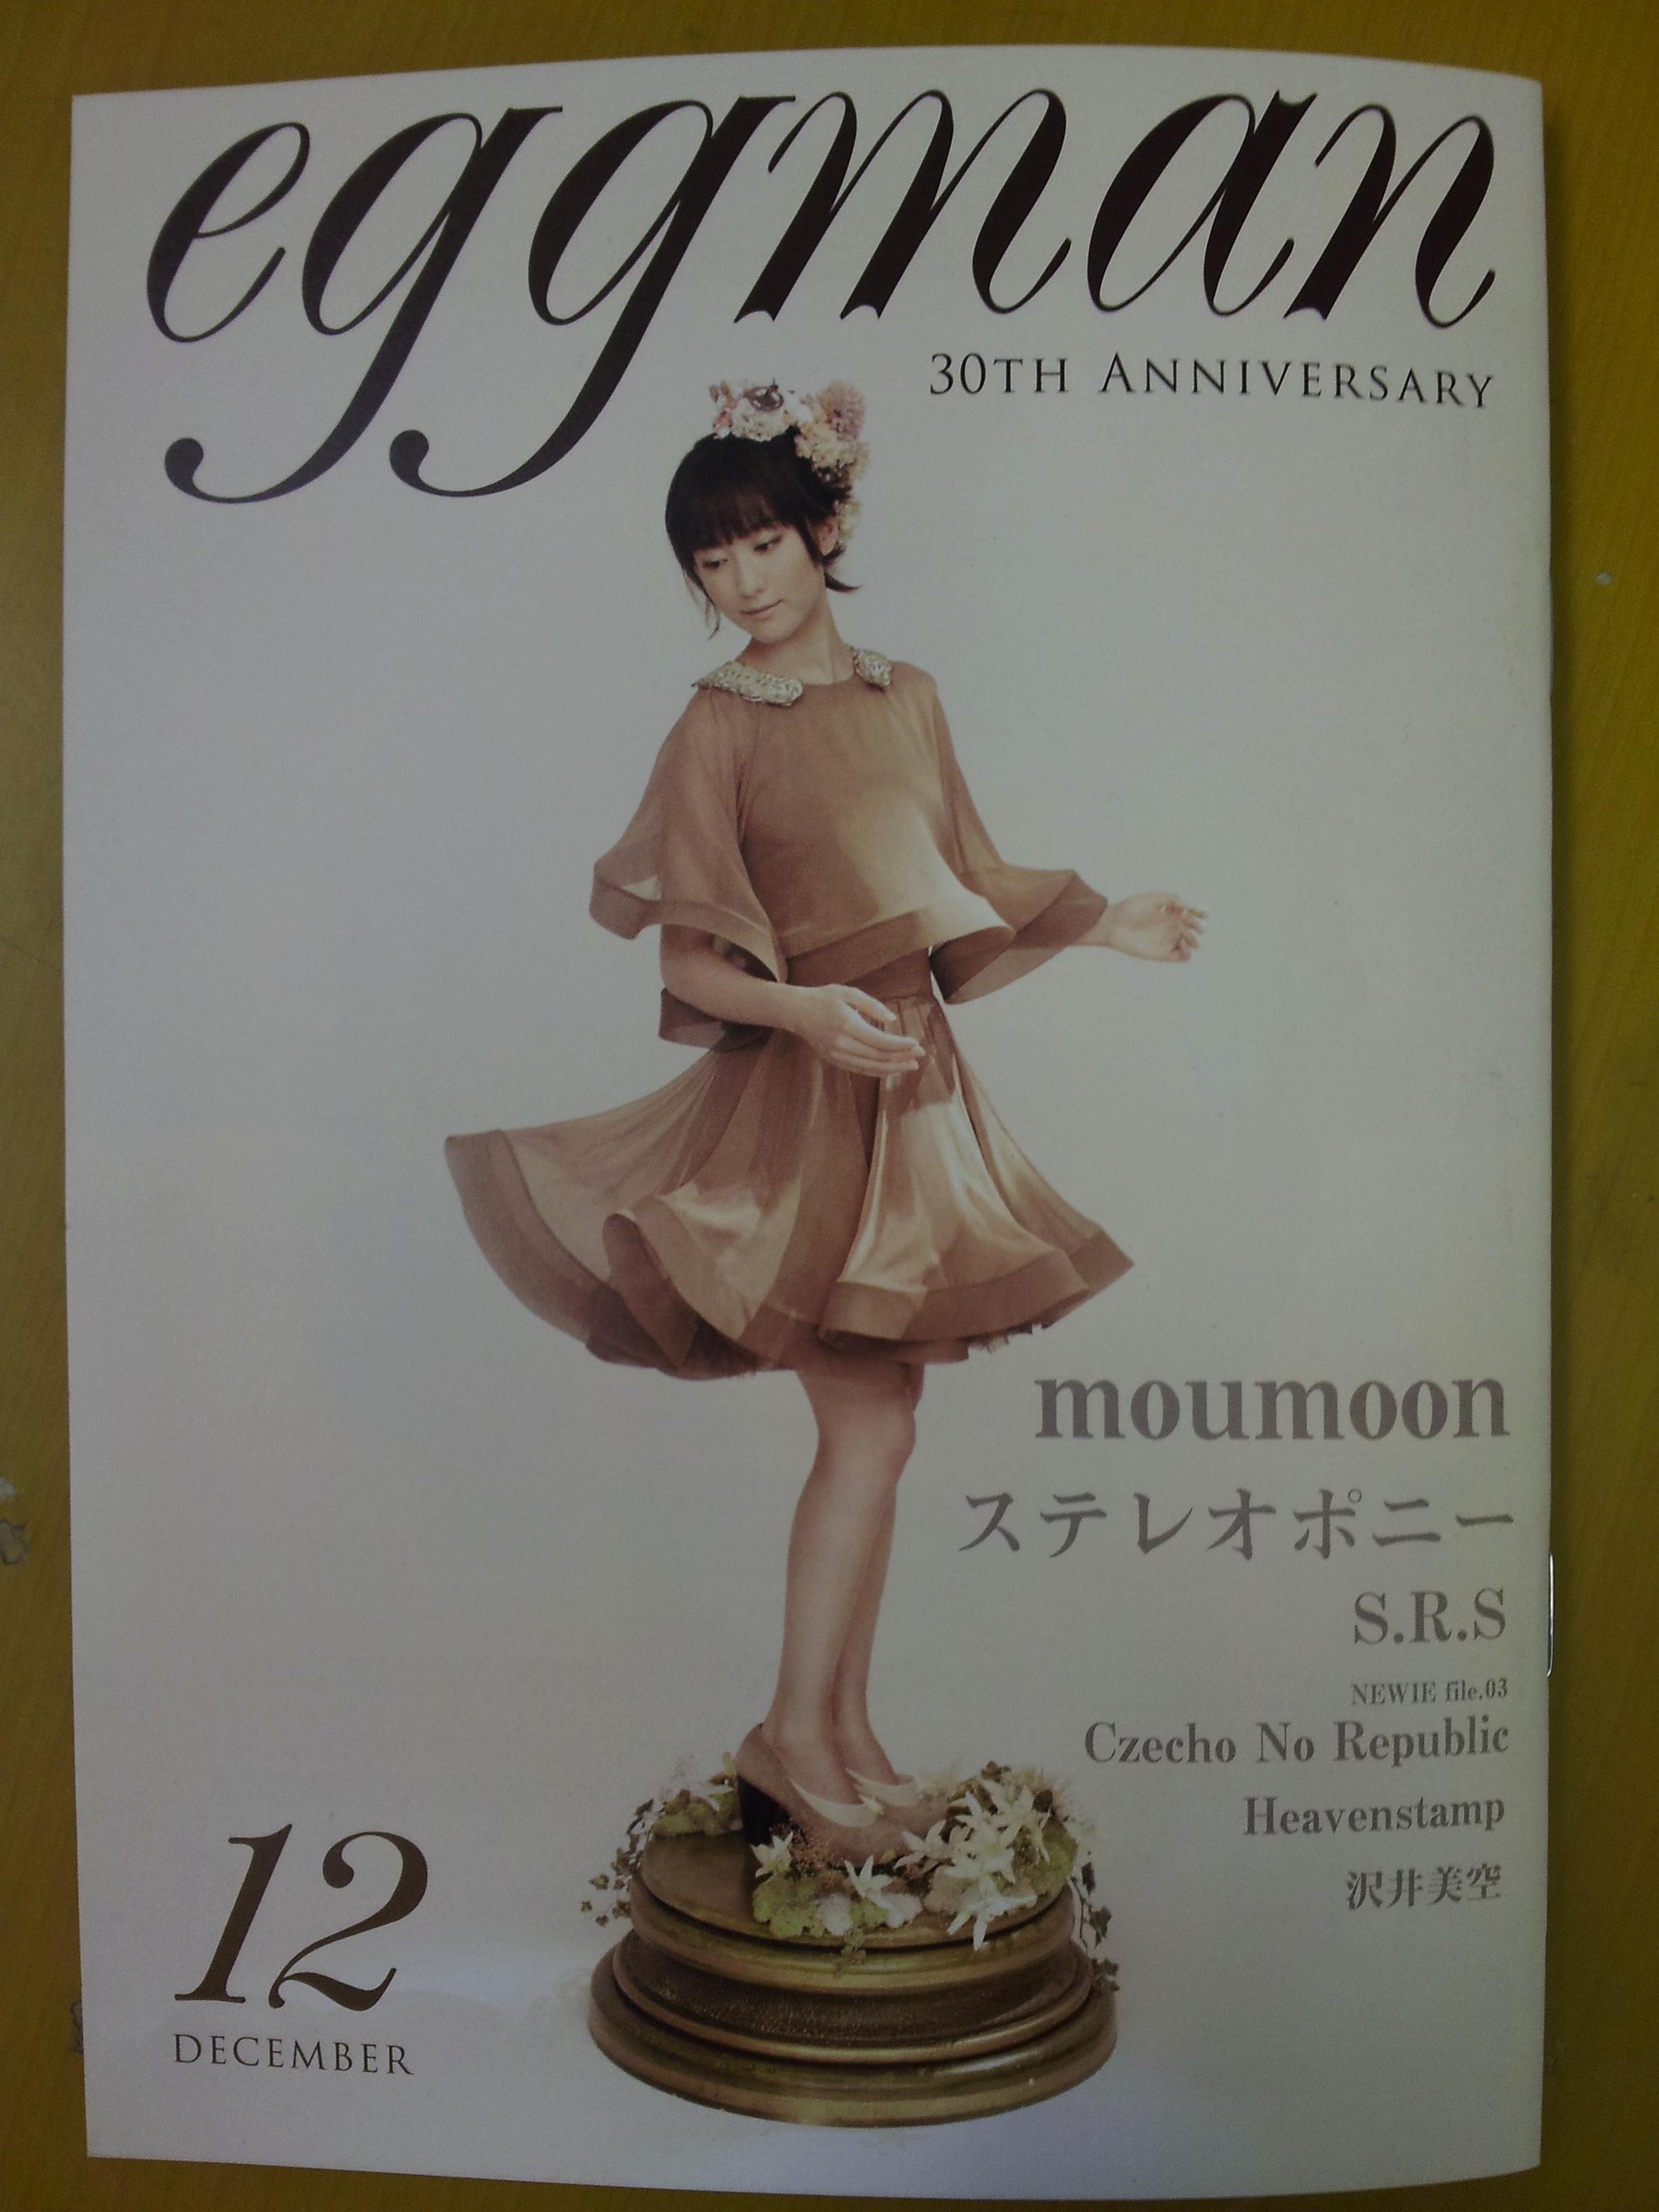 2011-12-01 17.12.58.jpg